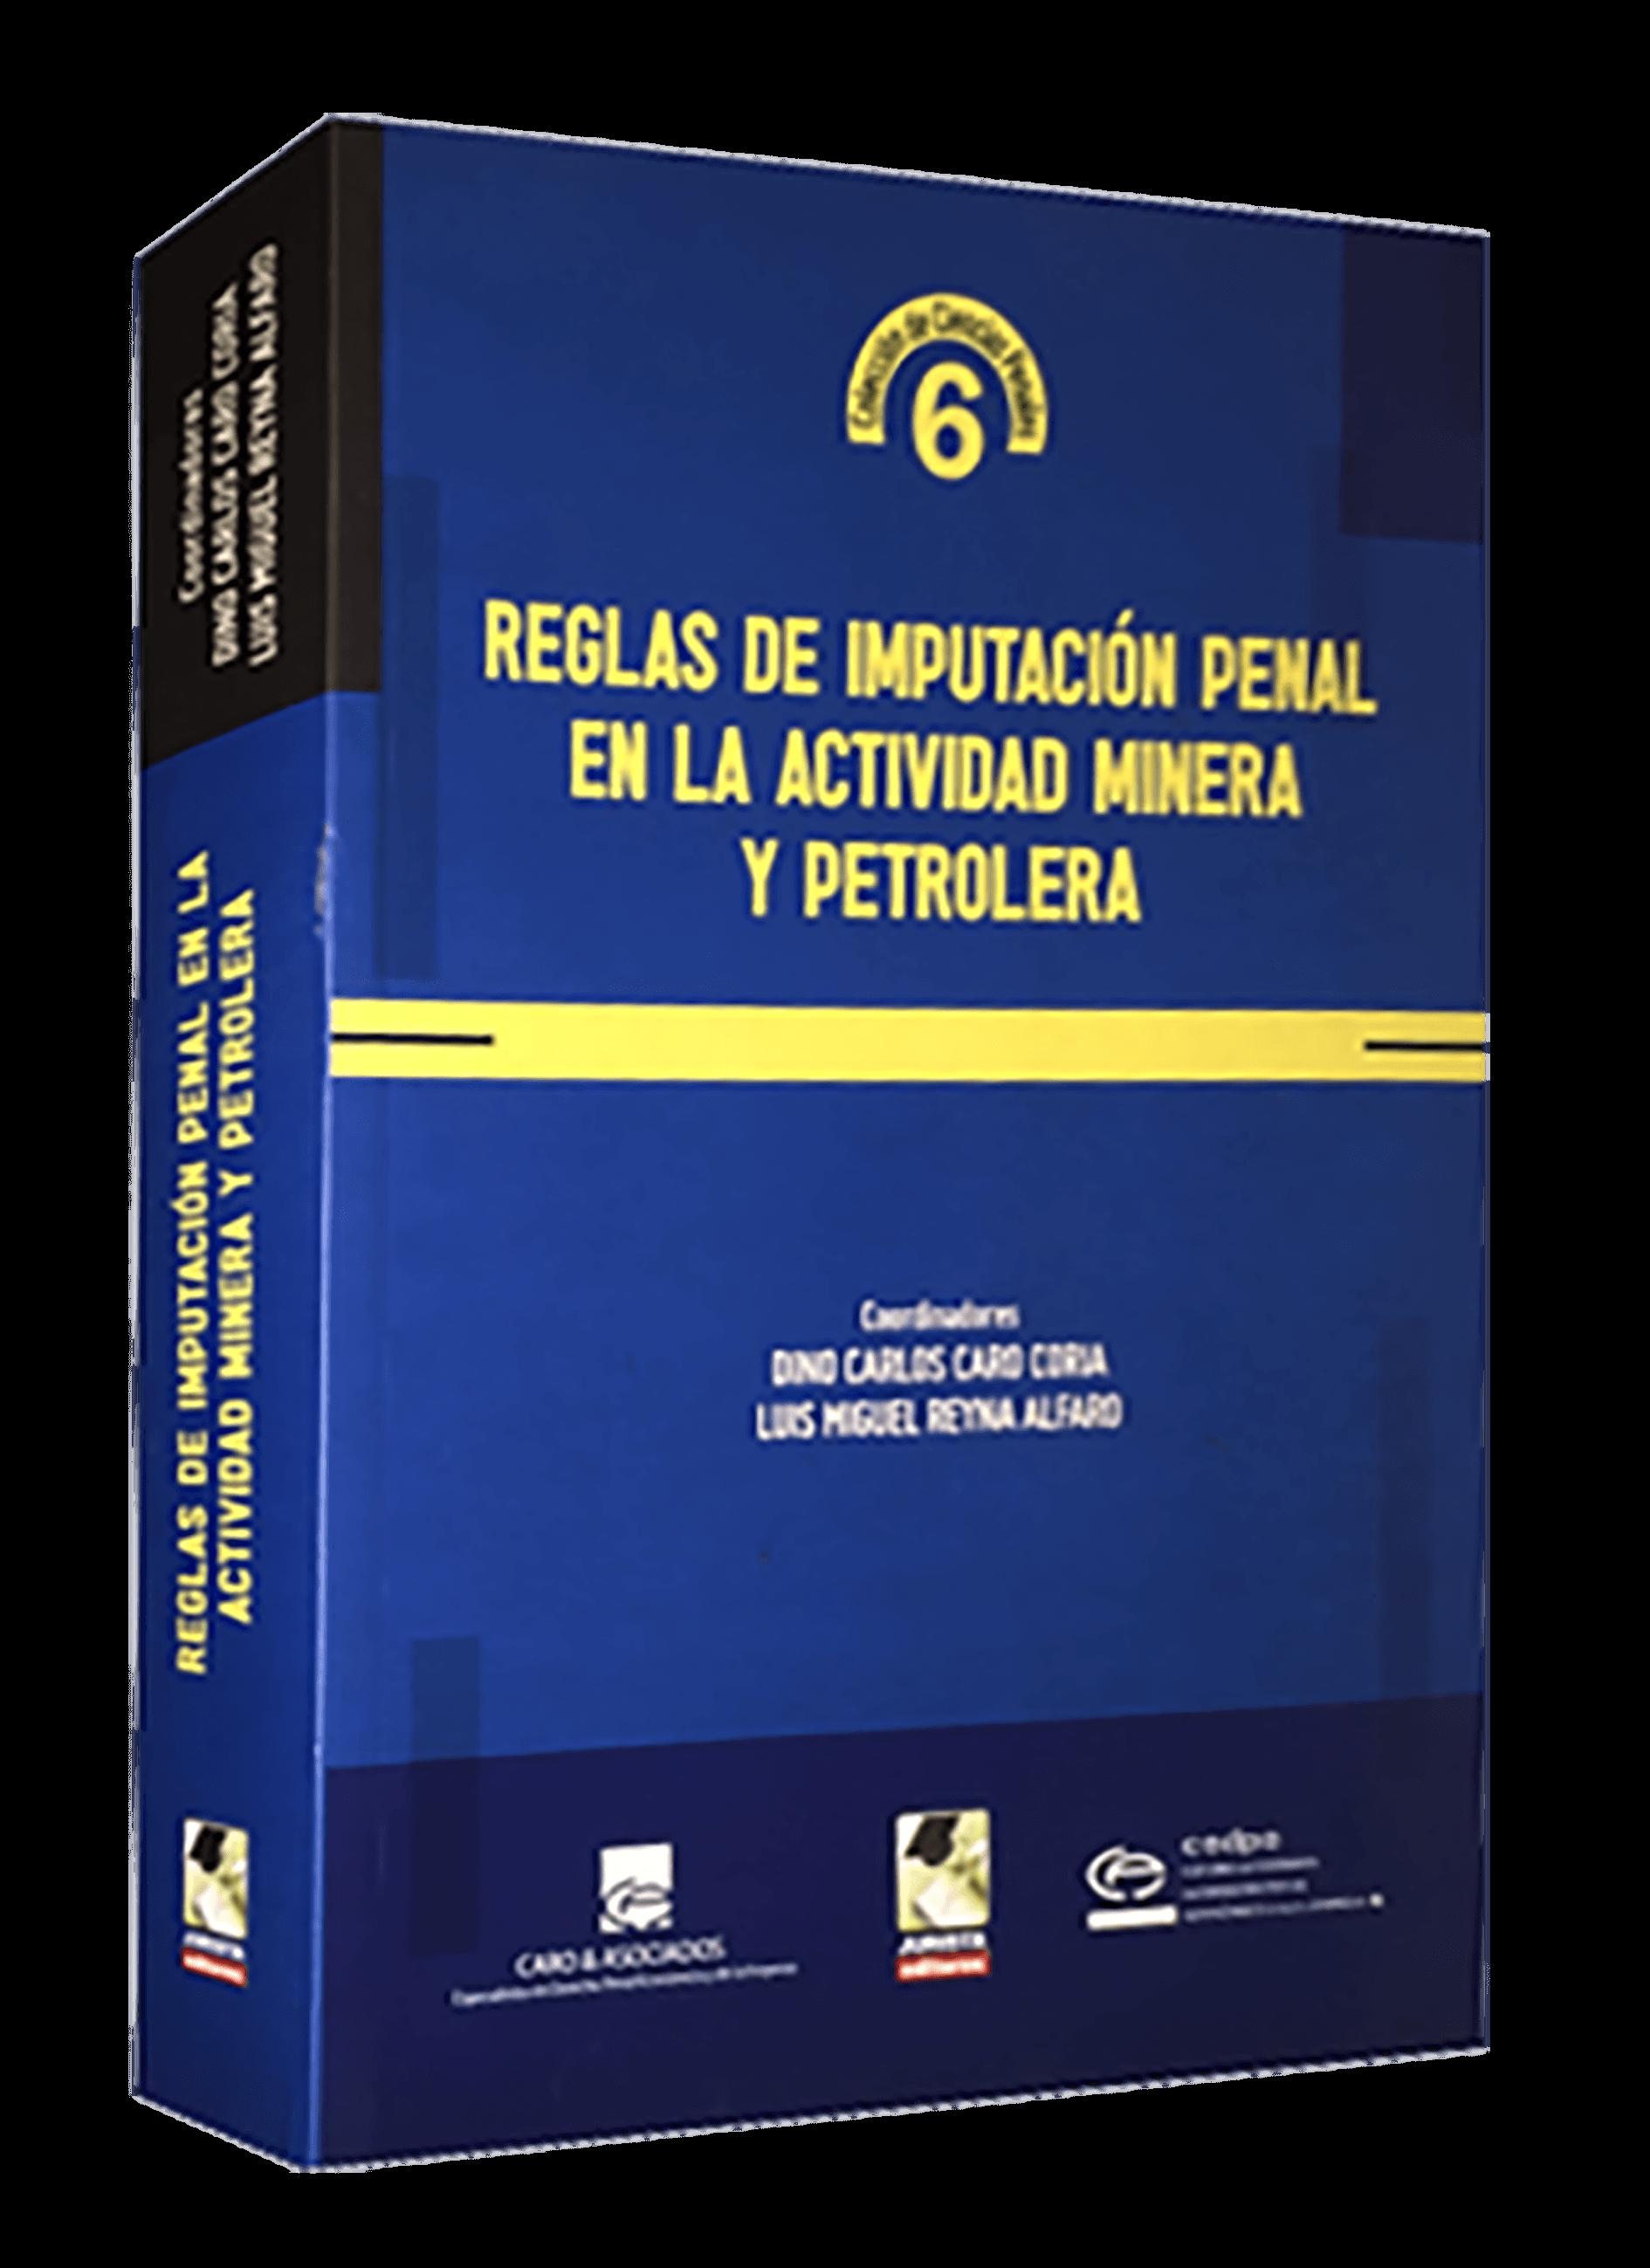 Reglas de Imputación Penal en la Actividad Minera y Petrolera